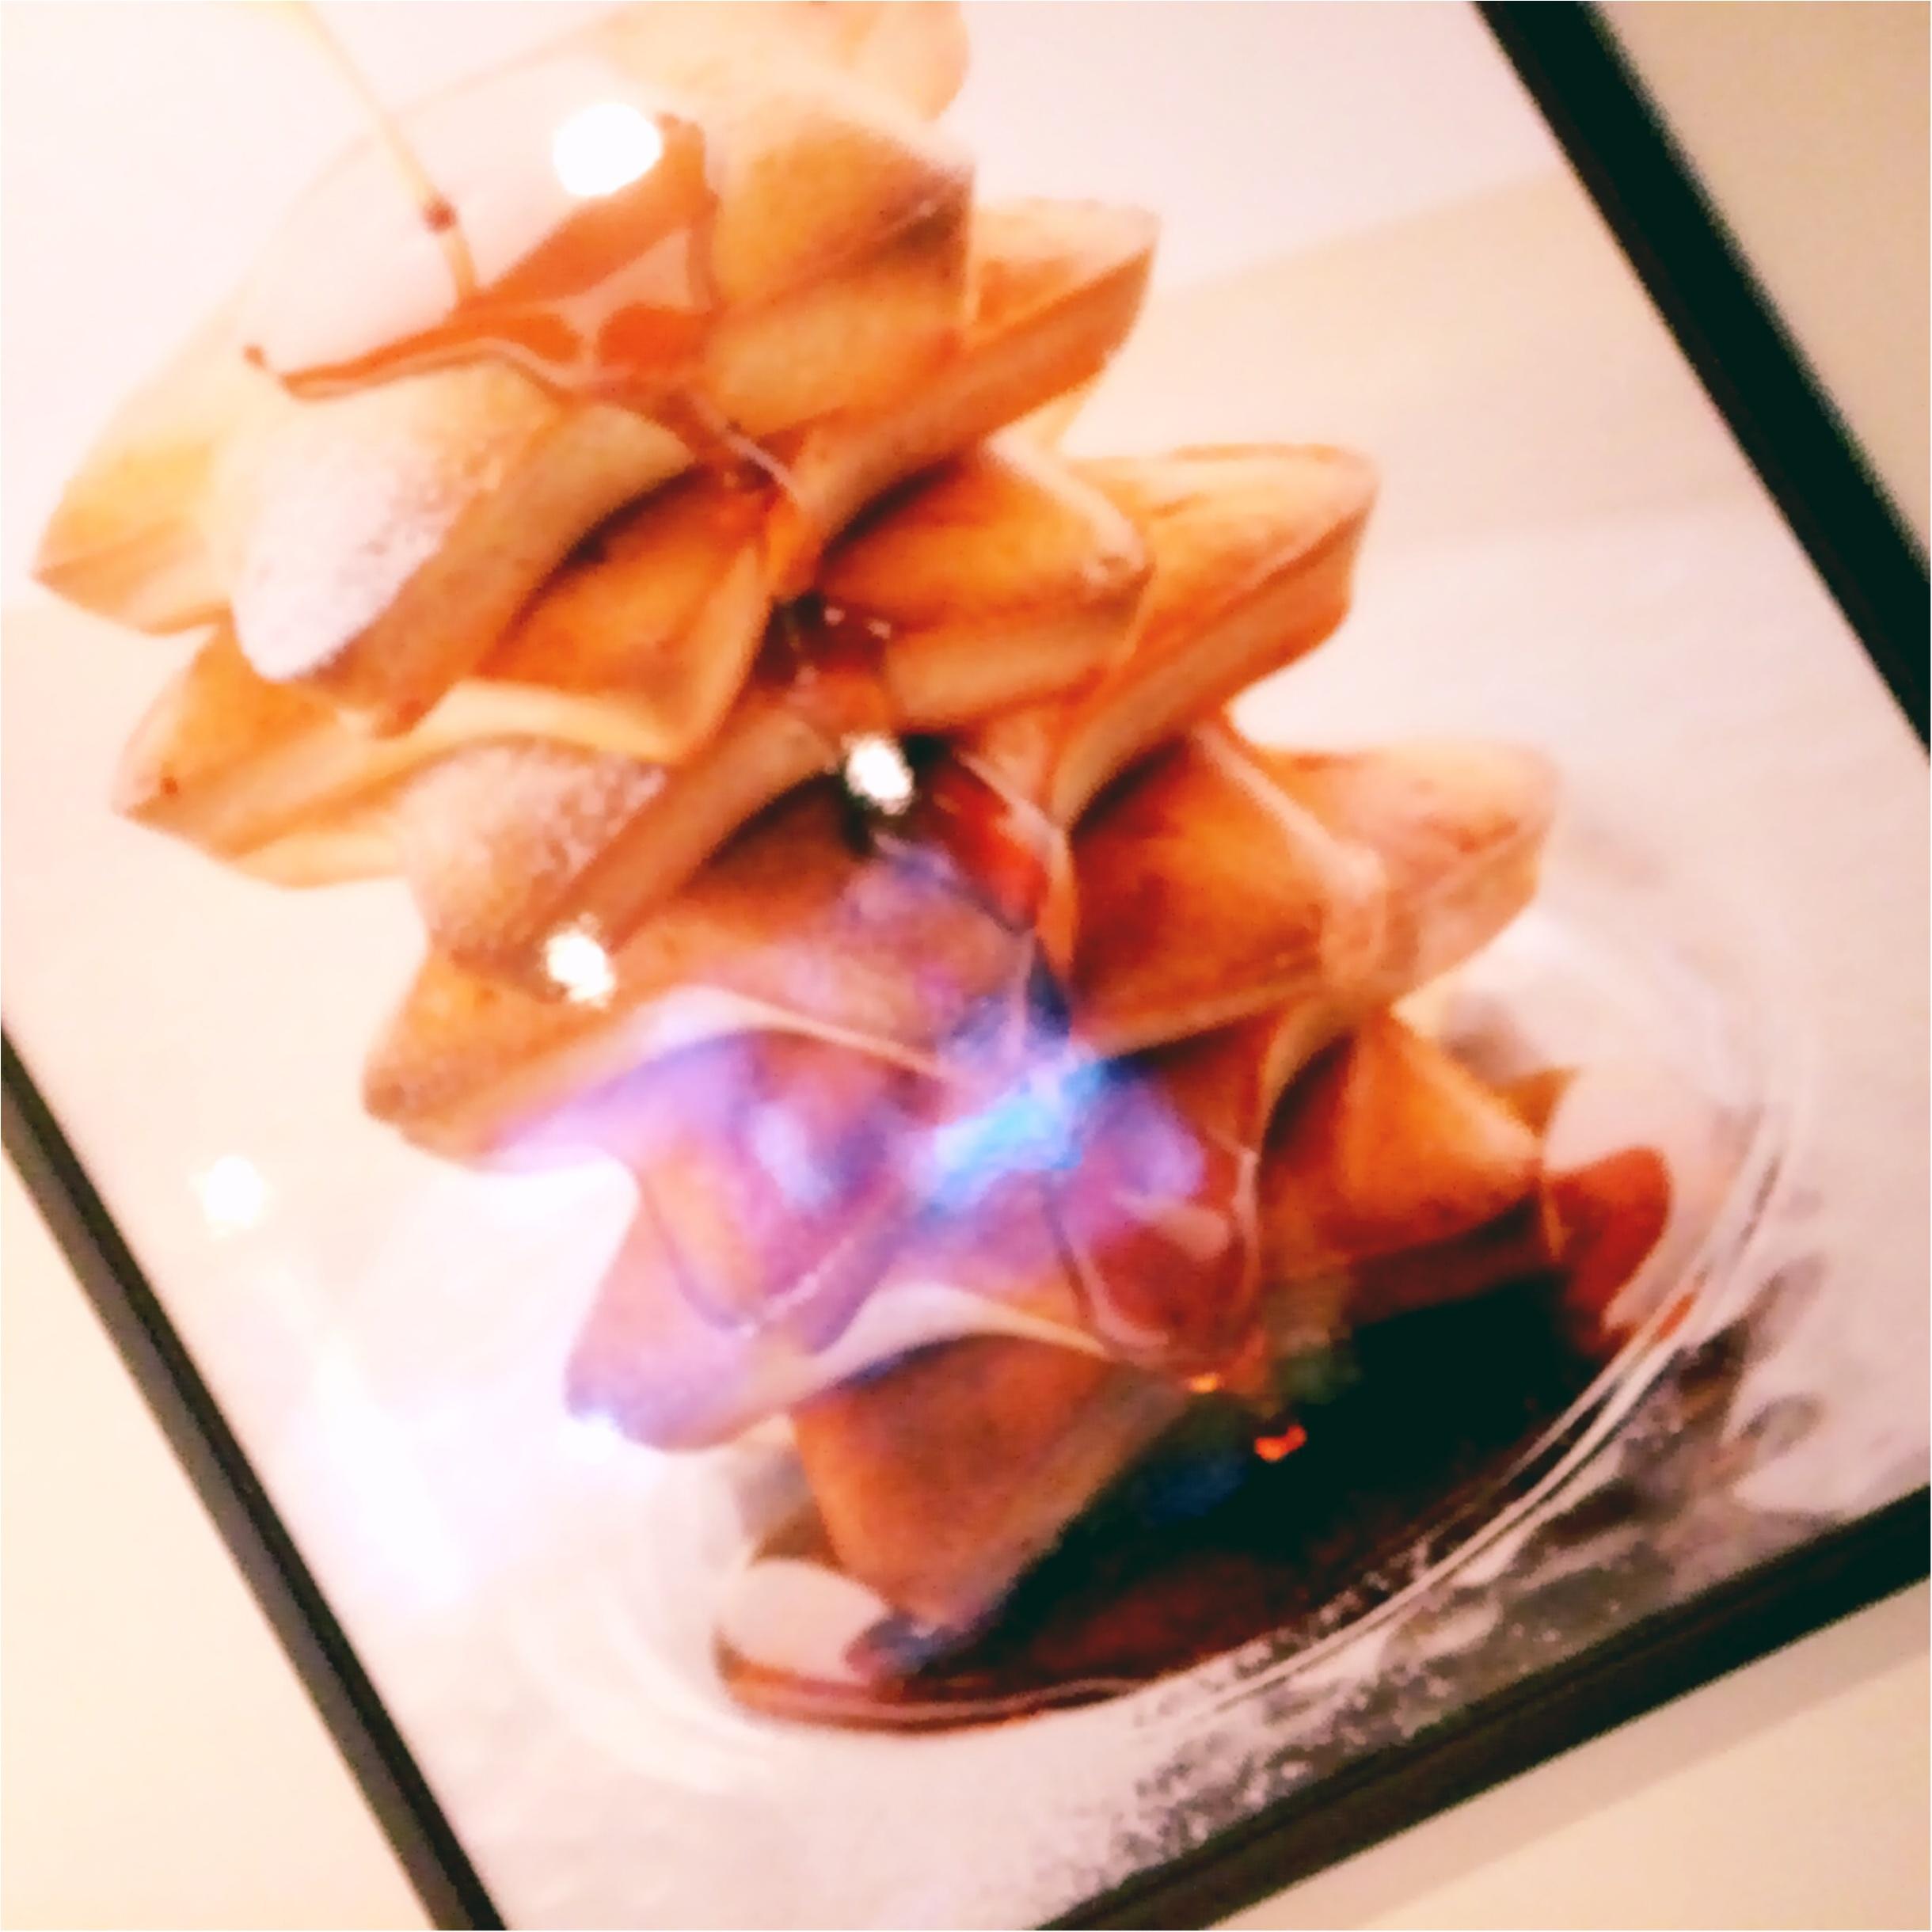 ★こんなパンケーキ可愛いすぎる…♡オシャレな方必見!名古屋で星型パンケーキ食べてみませんか?★_6